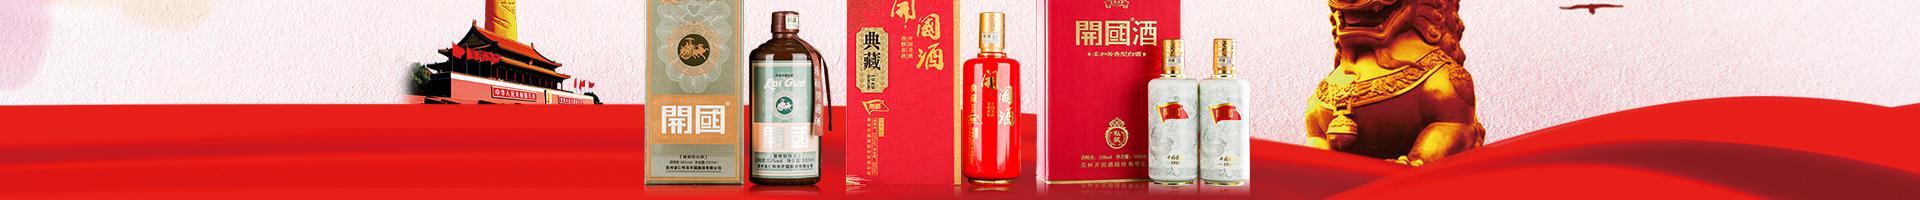 贵州开国酒股份有限公司